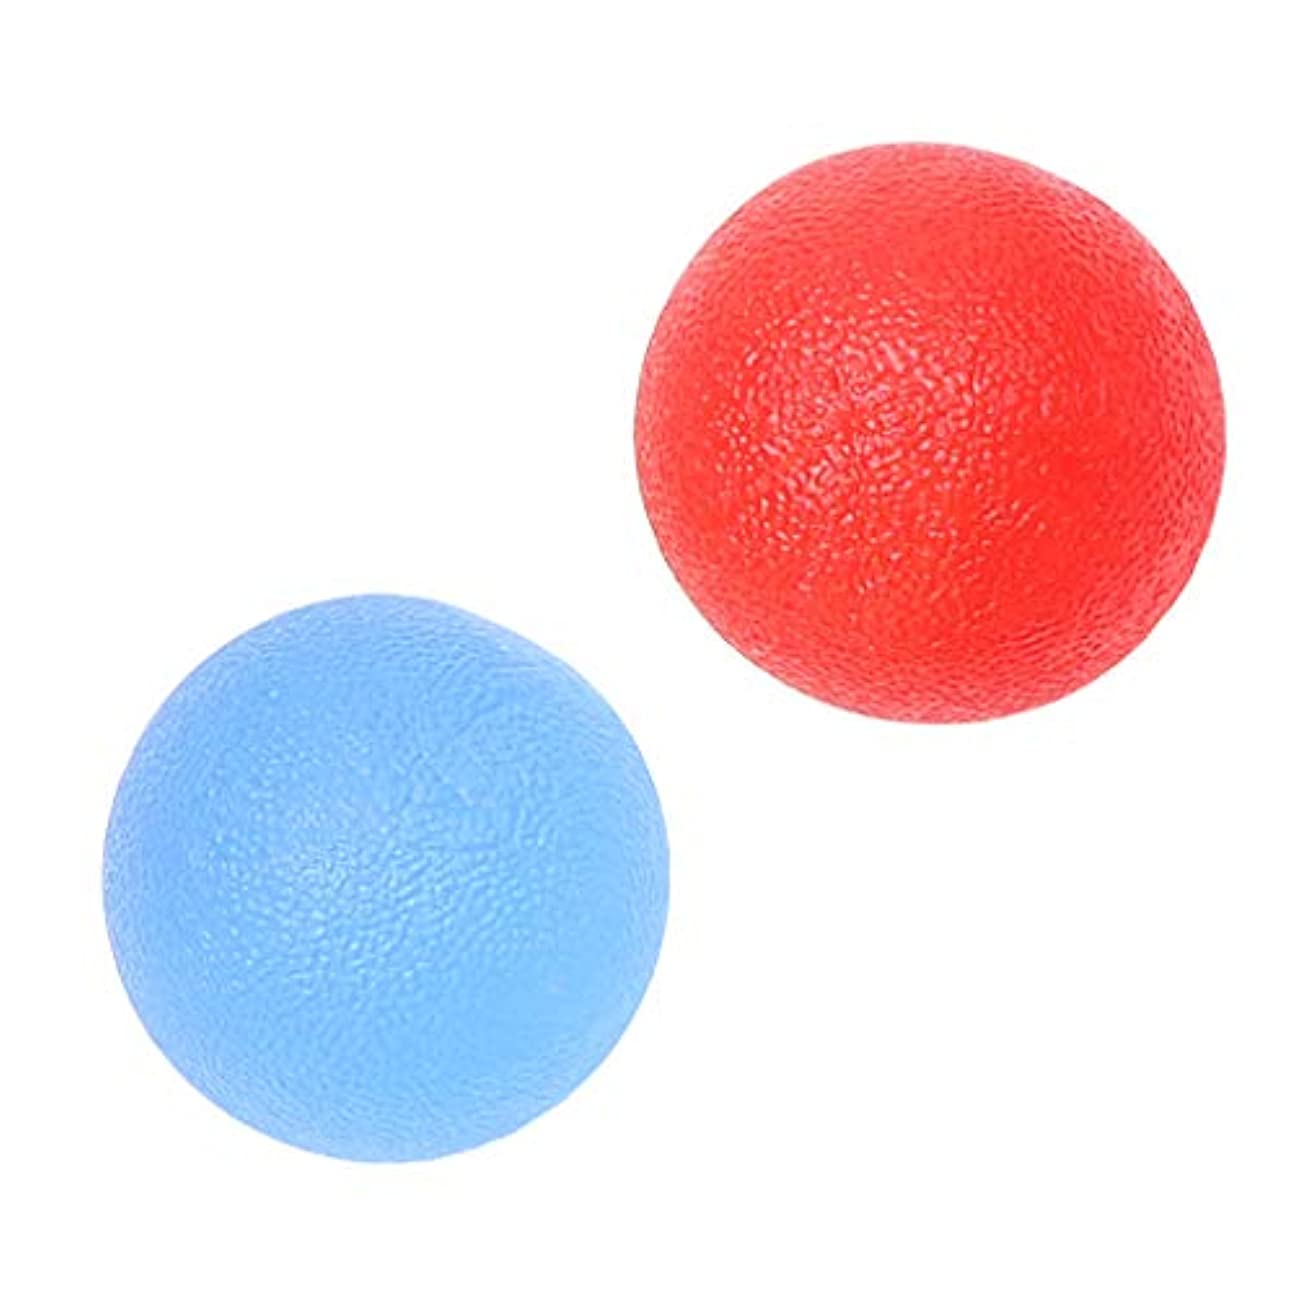 パケットメダリストアーネストシャクルトン2個 ハンドエクササイズボール ハンドグリップ シリコン 指トレーニング ストレス緩和 減圧 赤/青